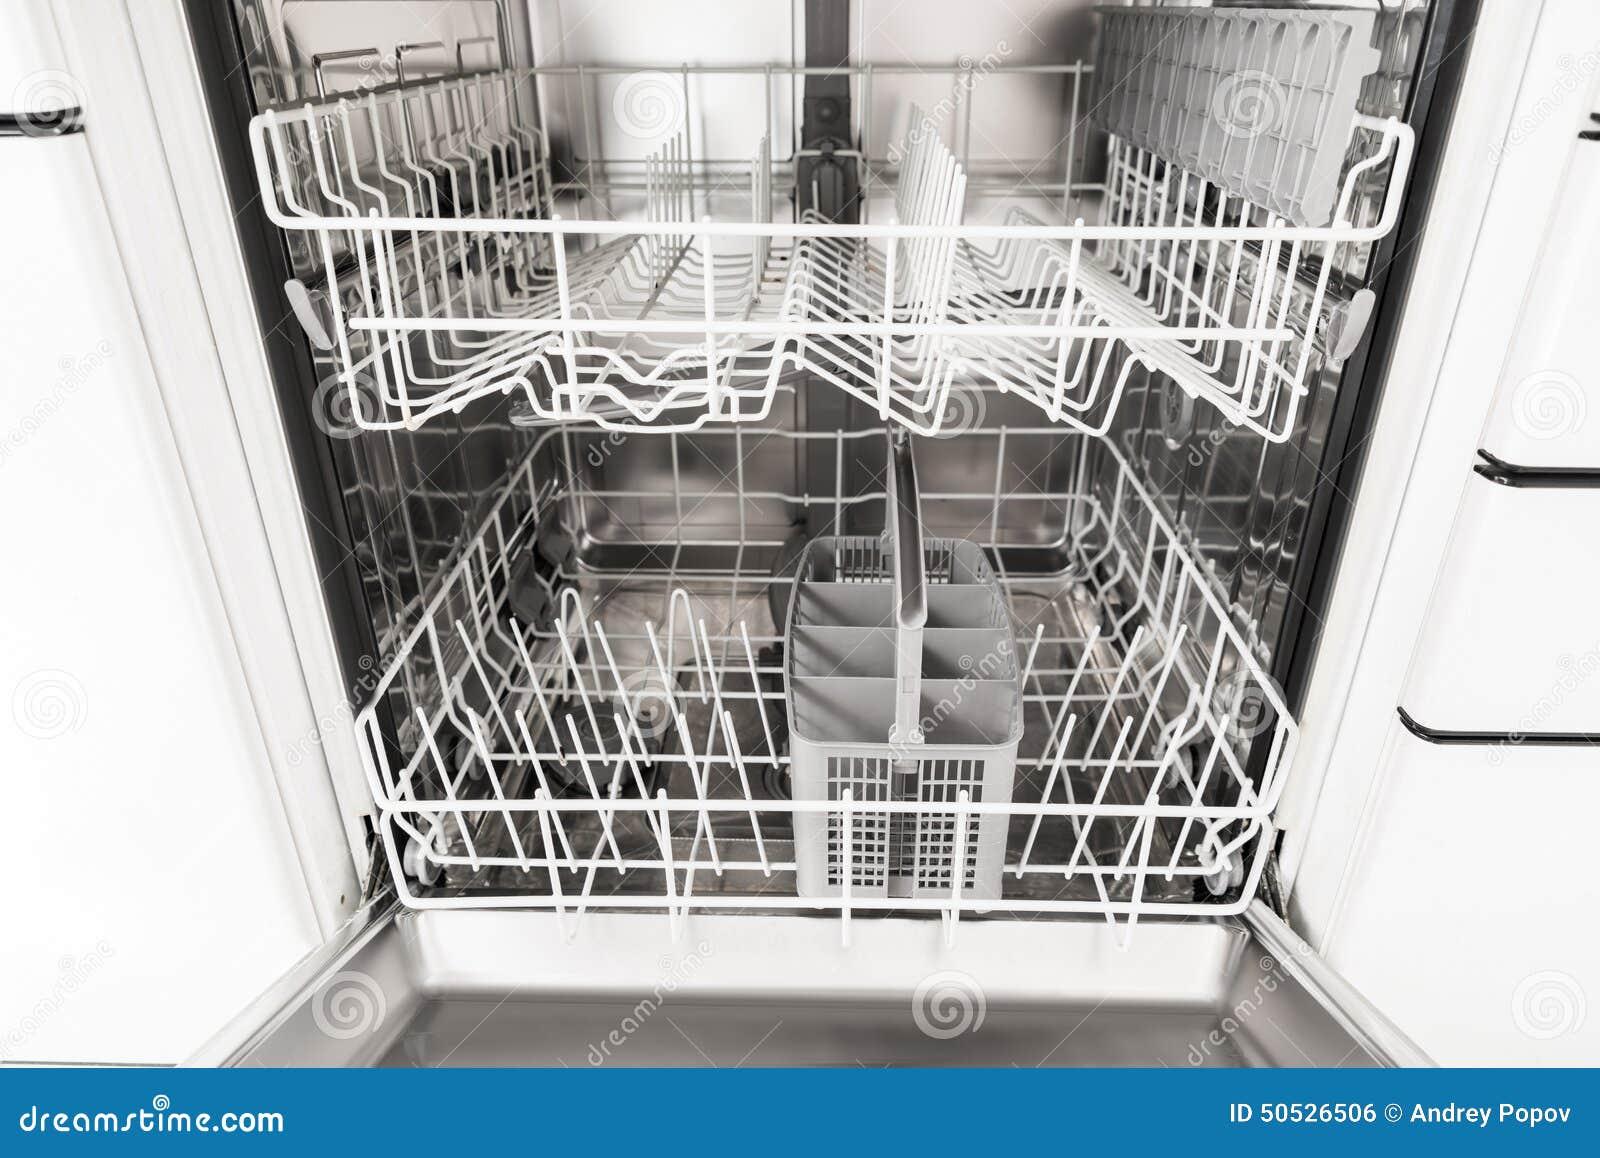 Empty Dishwasher Stock Photo Image Of Object Dishware